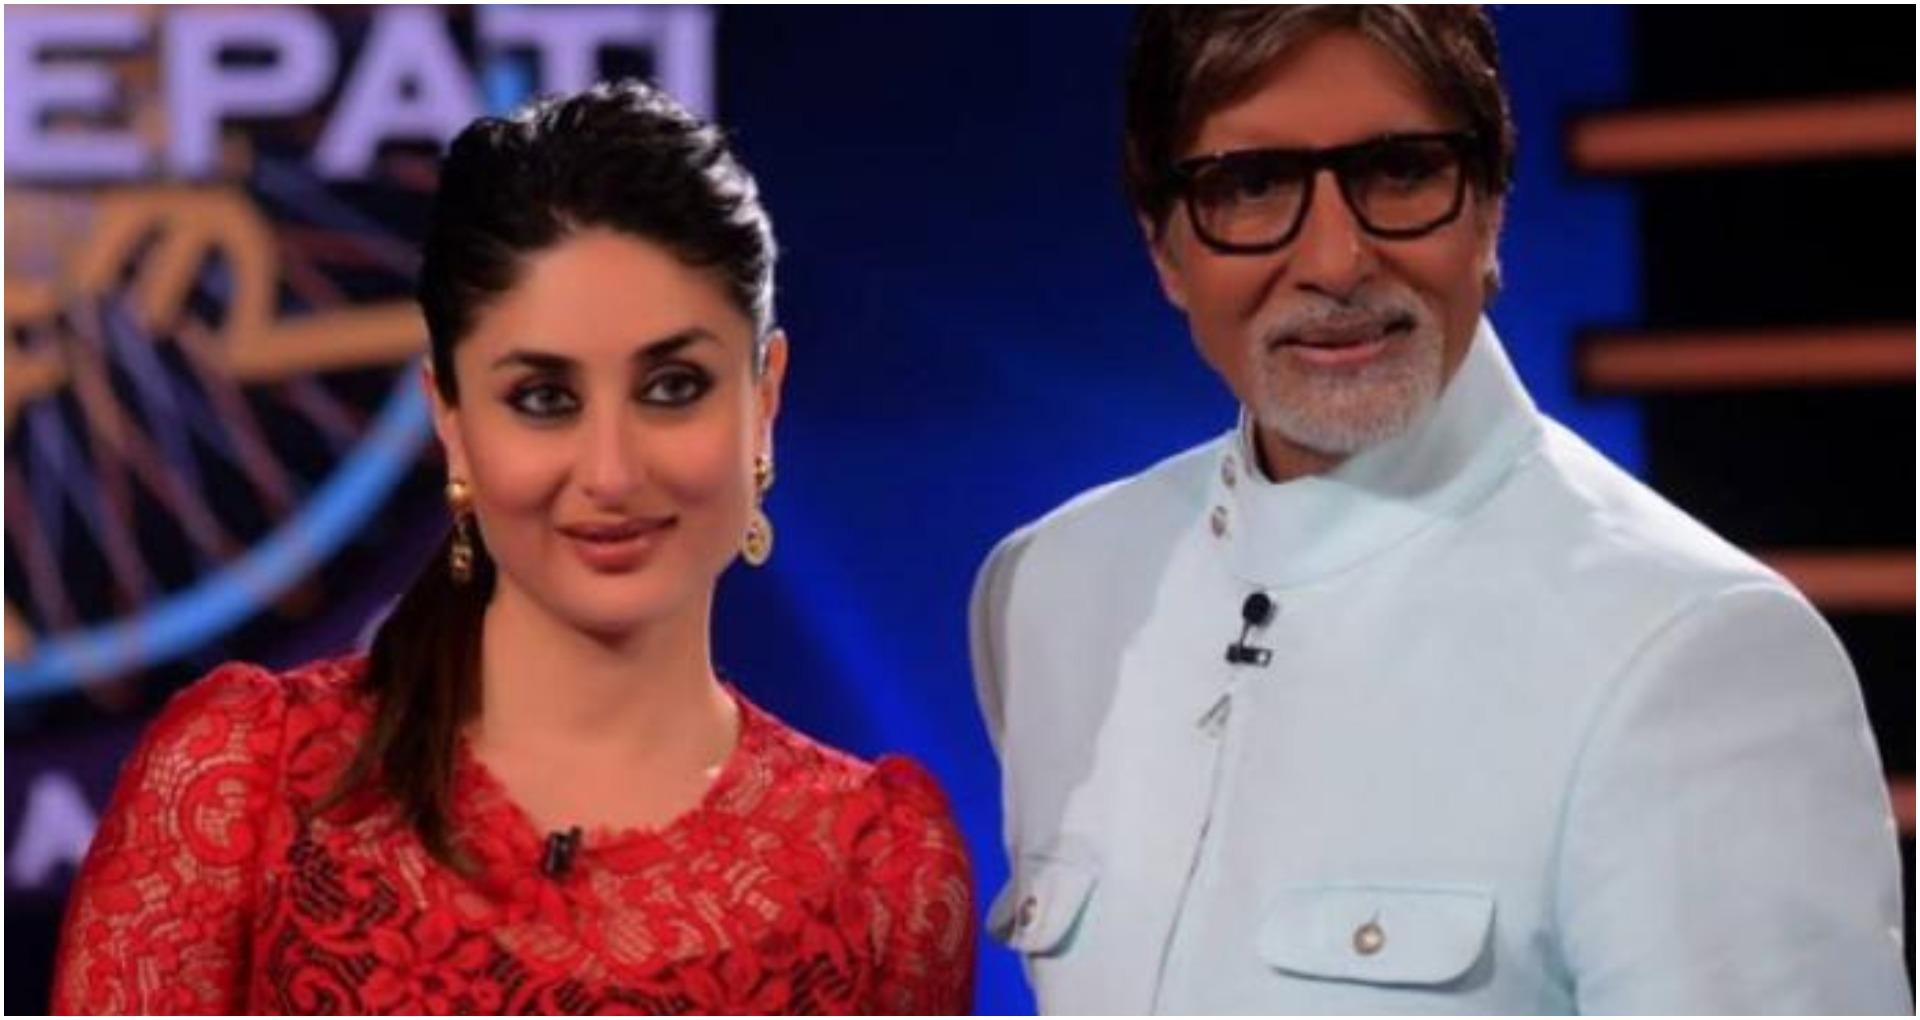 अमिताभ बच्चन ने पोस्ट की इस एक्ट्रेस की चाइल्डहुड पिक, दिख रही है बेहद क्यूट